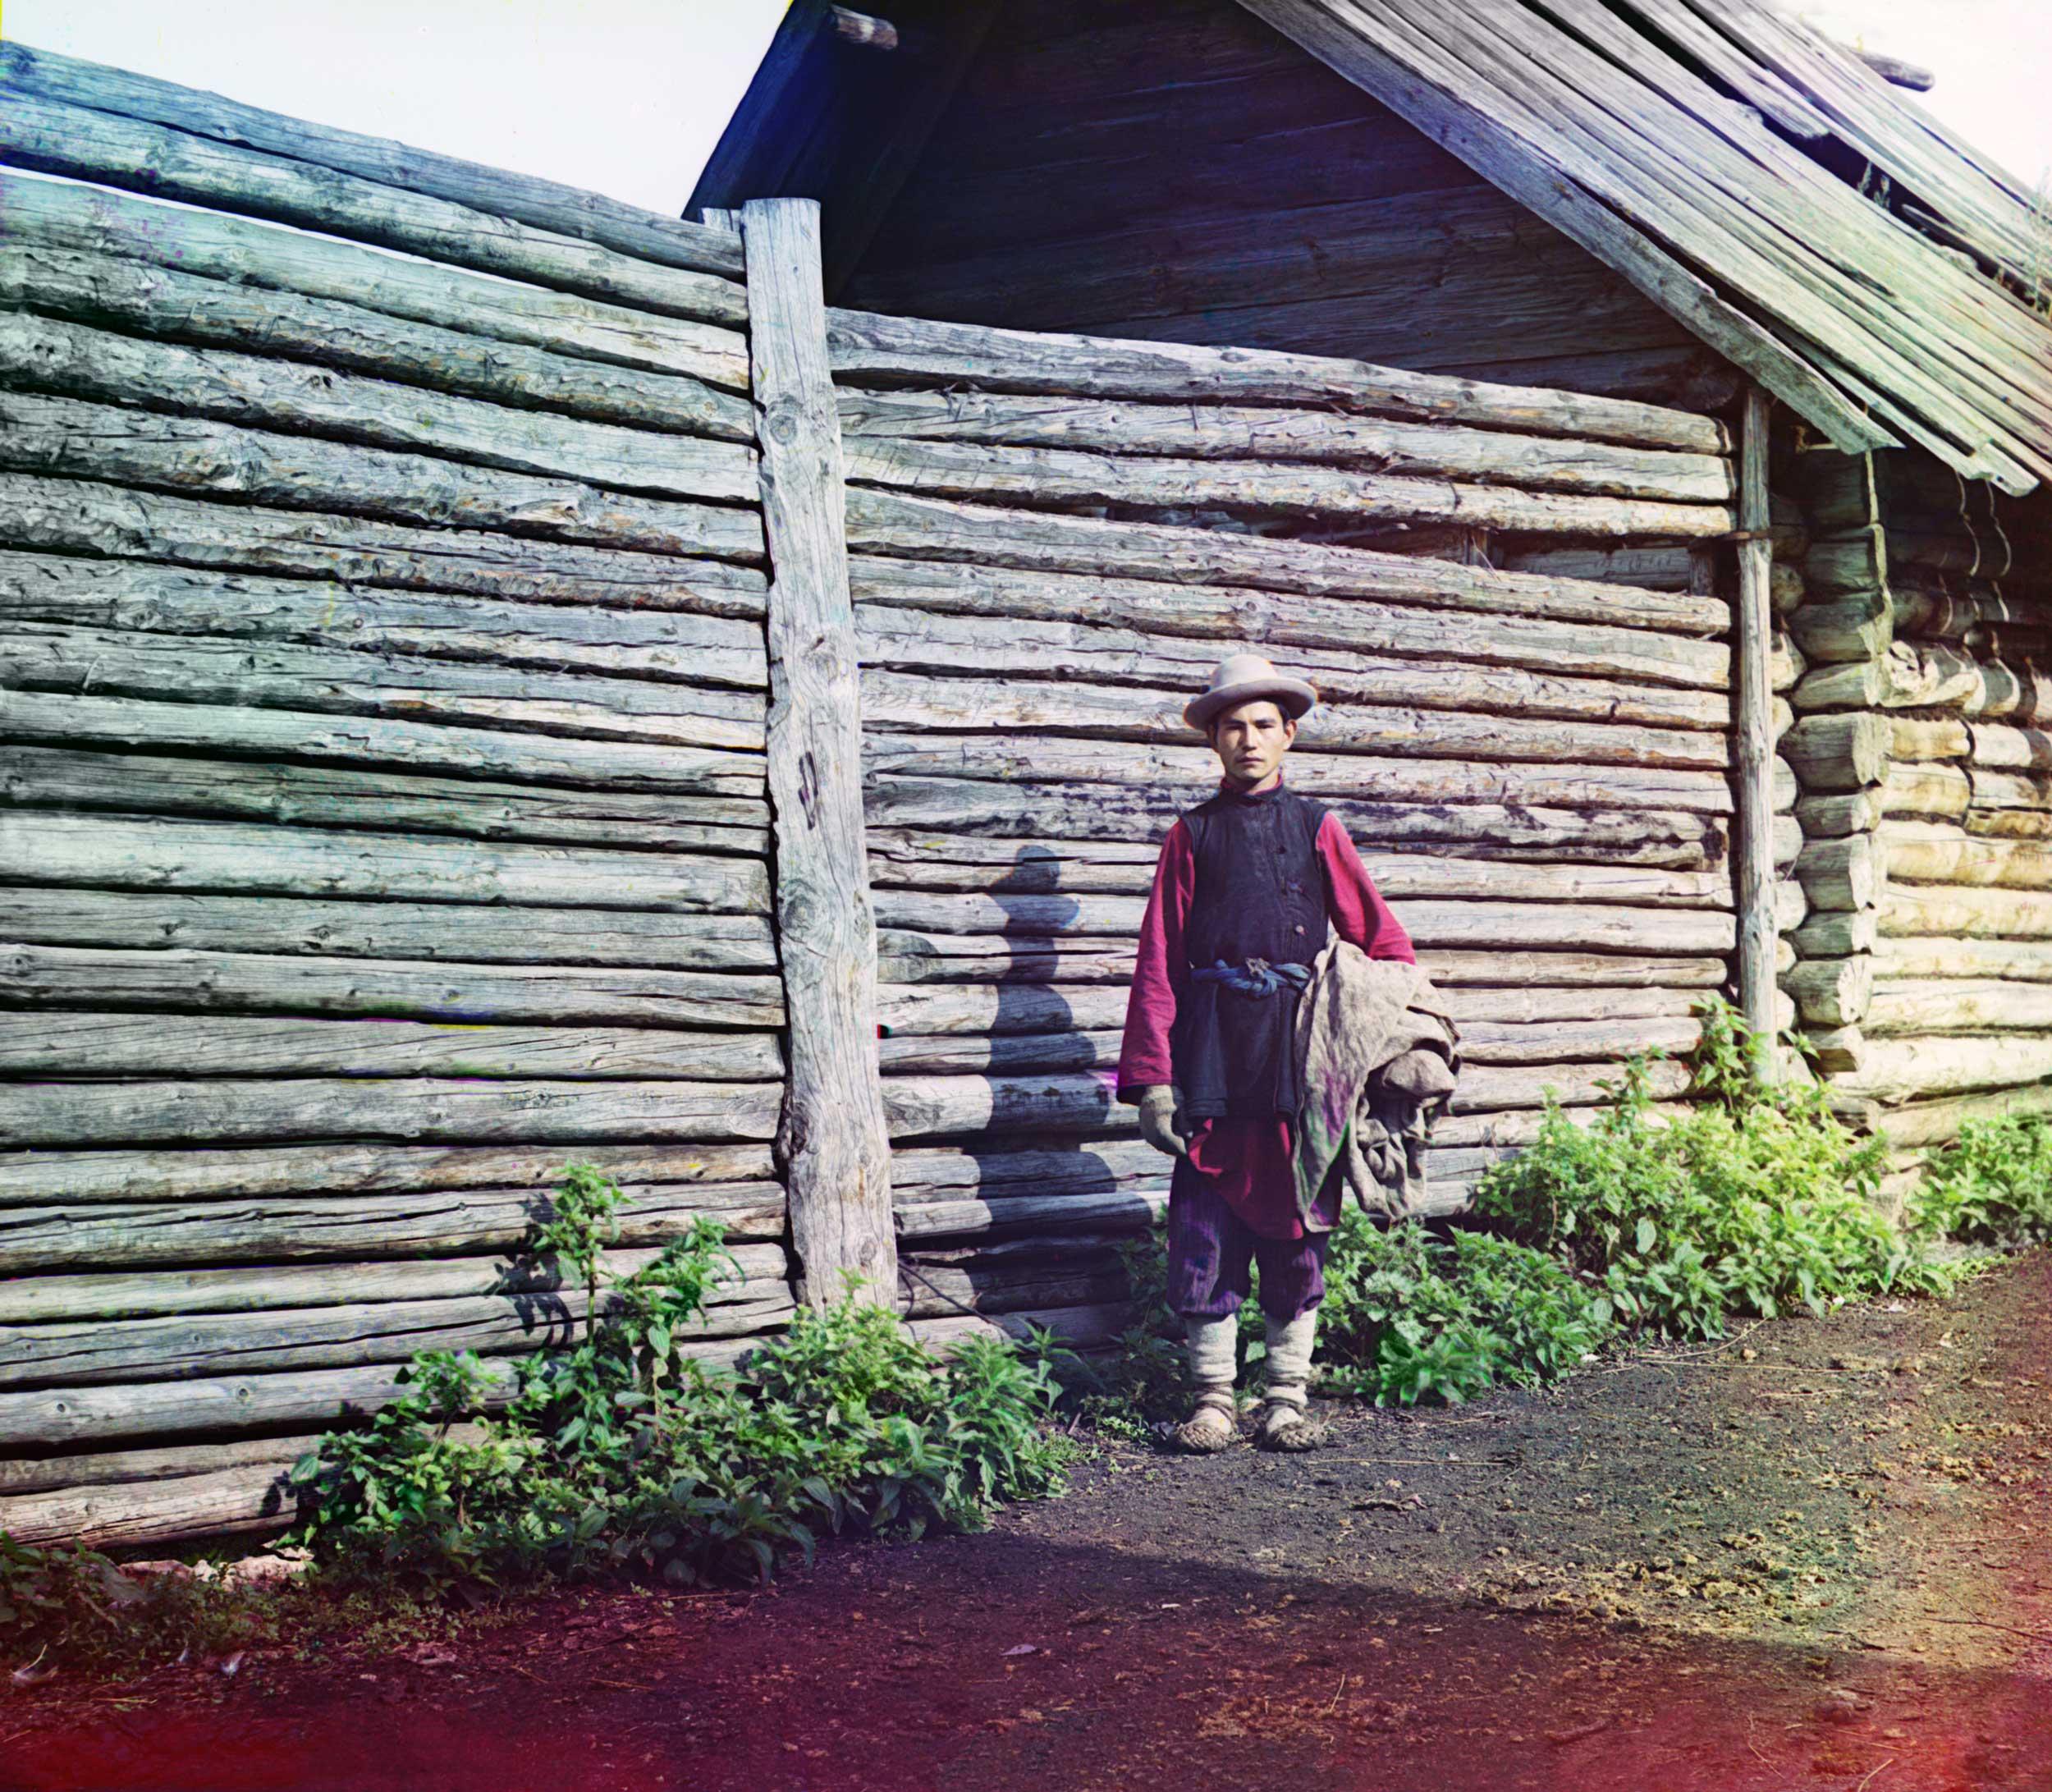 1910 - A young Bashkir man